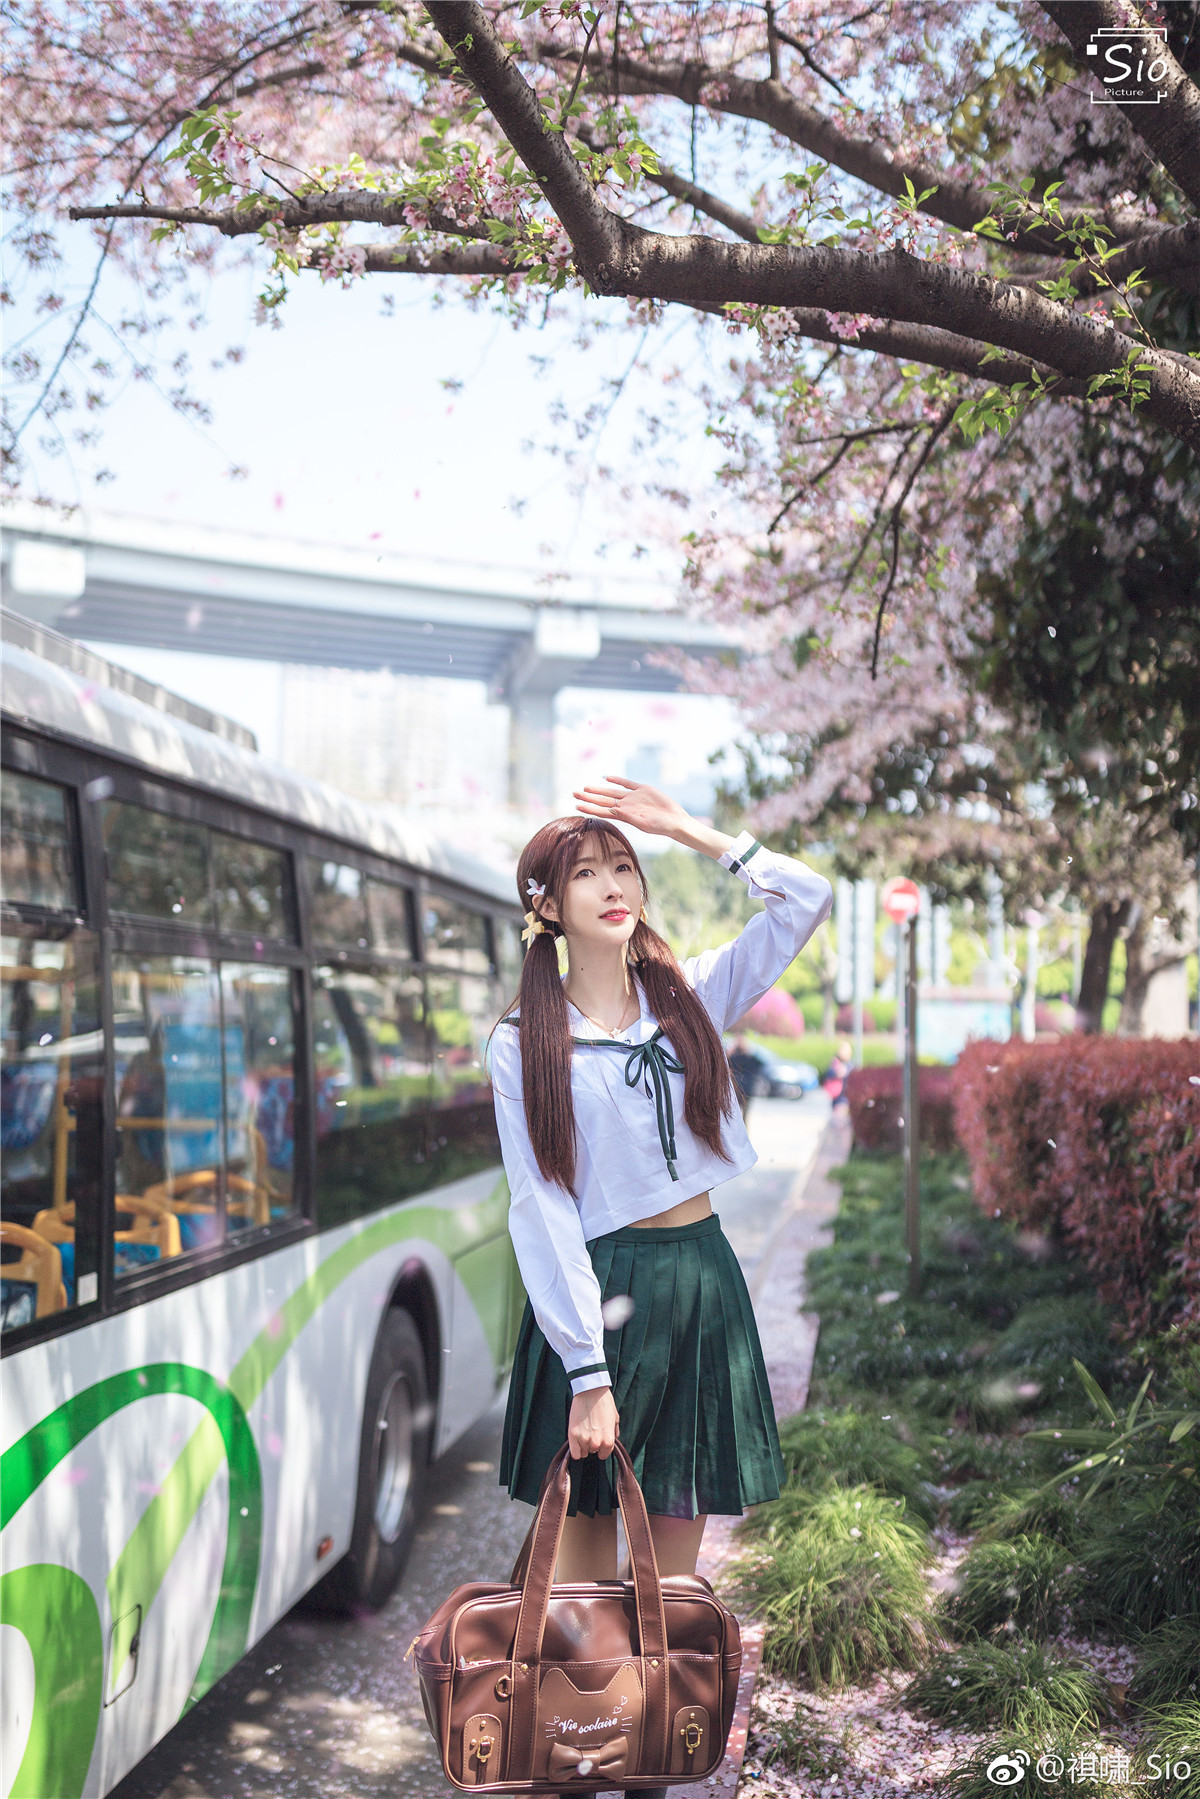 斗鱼女主播@王羽杉 JK樱花一日游插图1